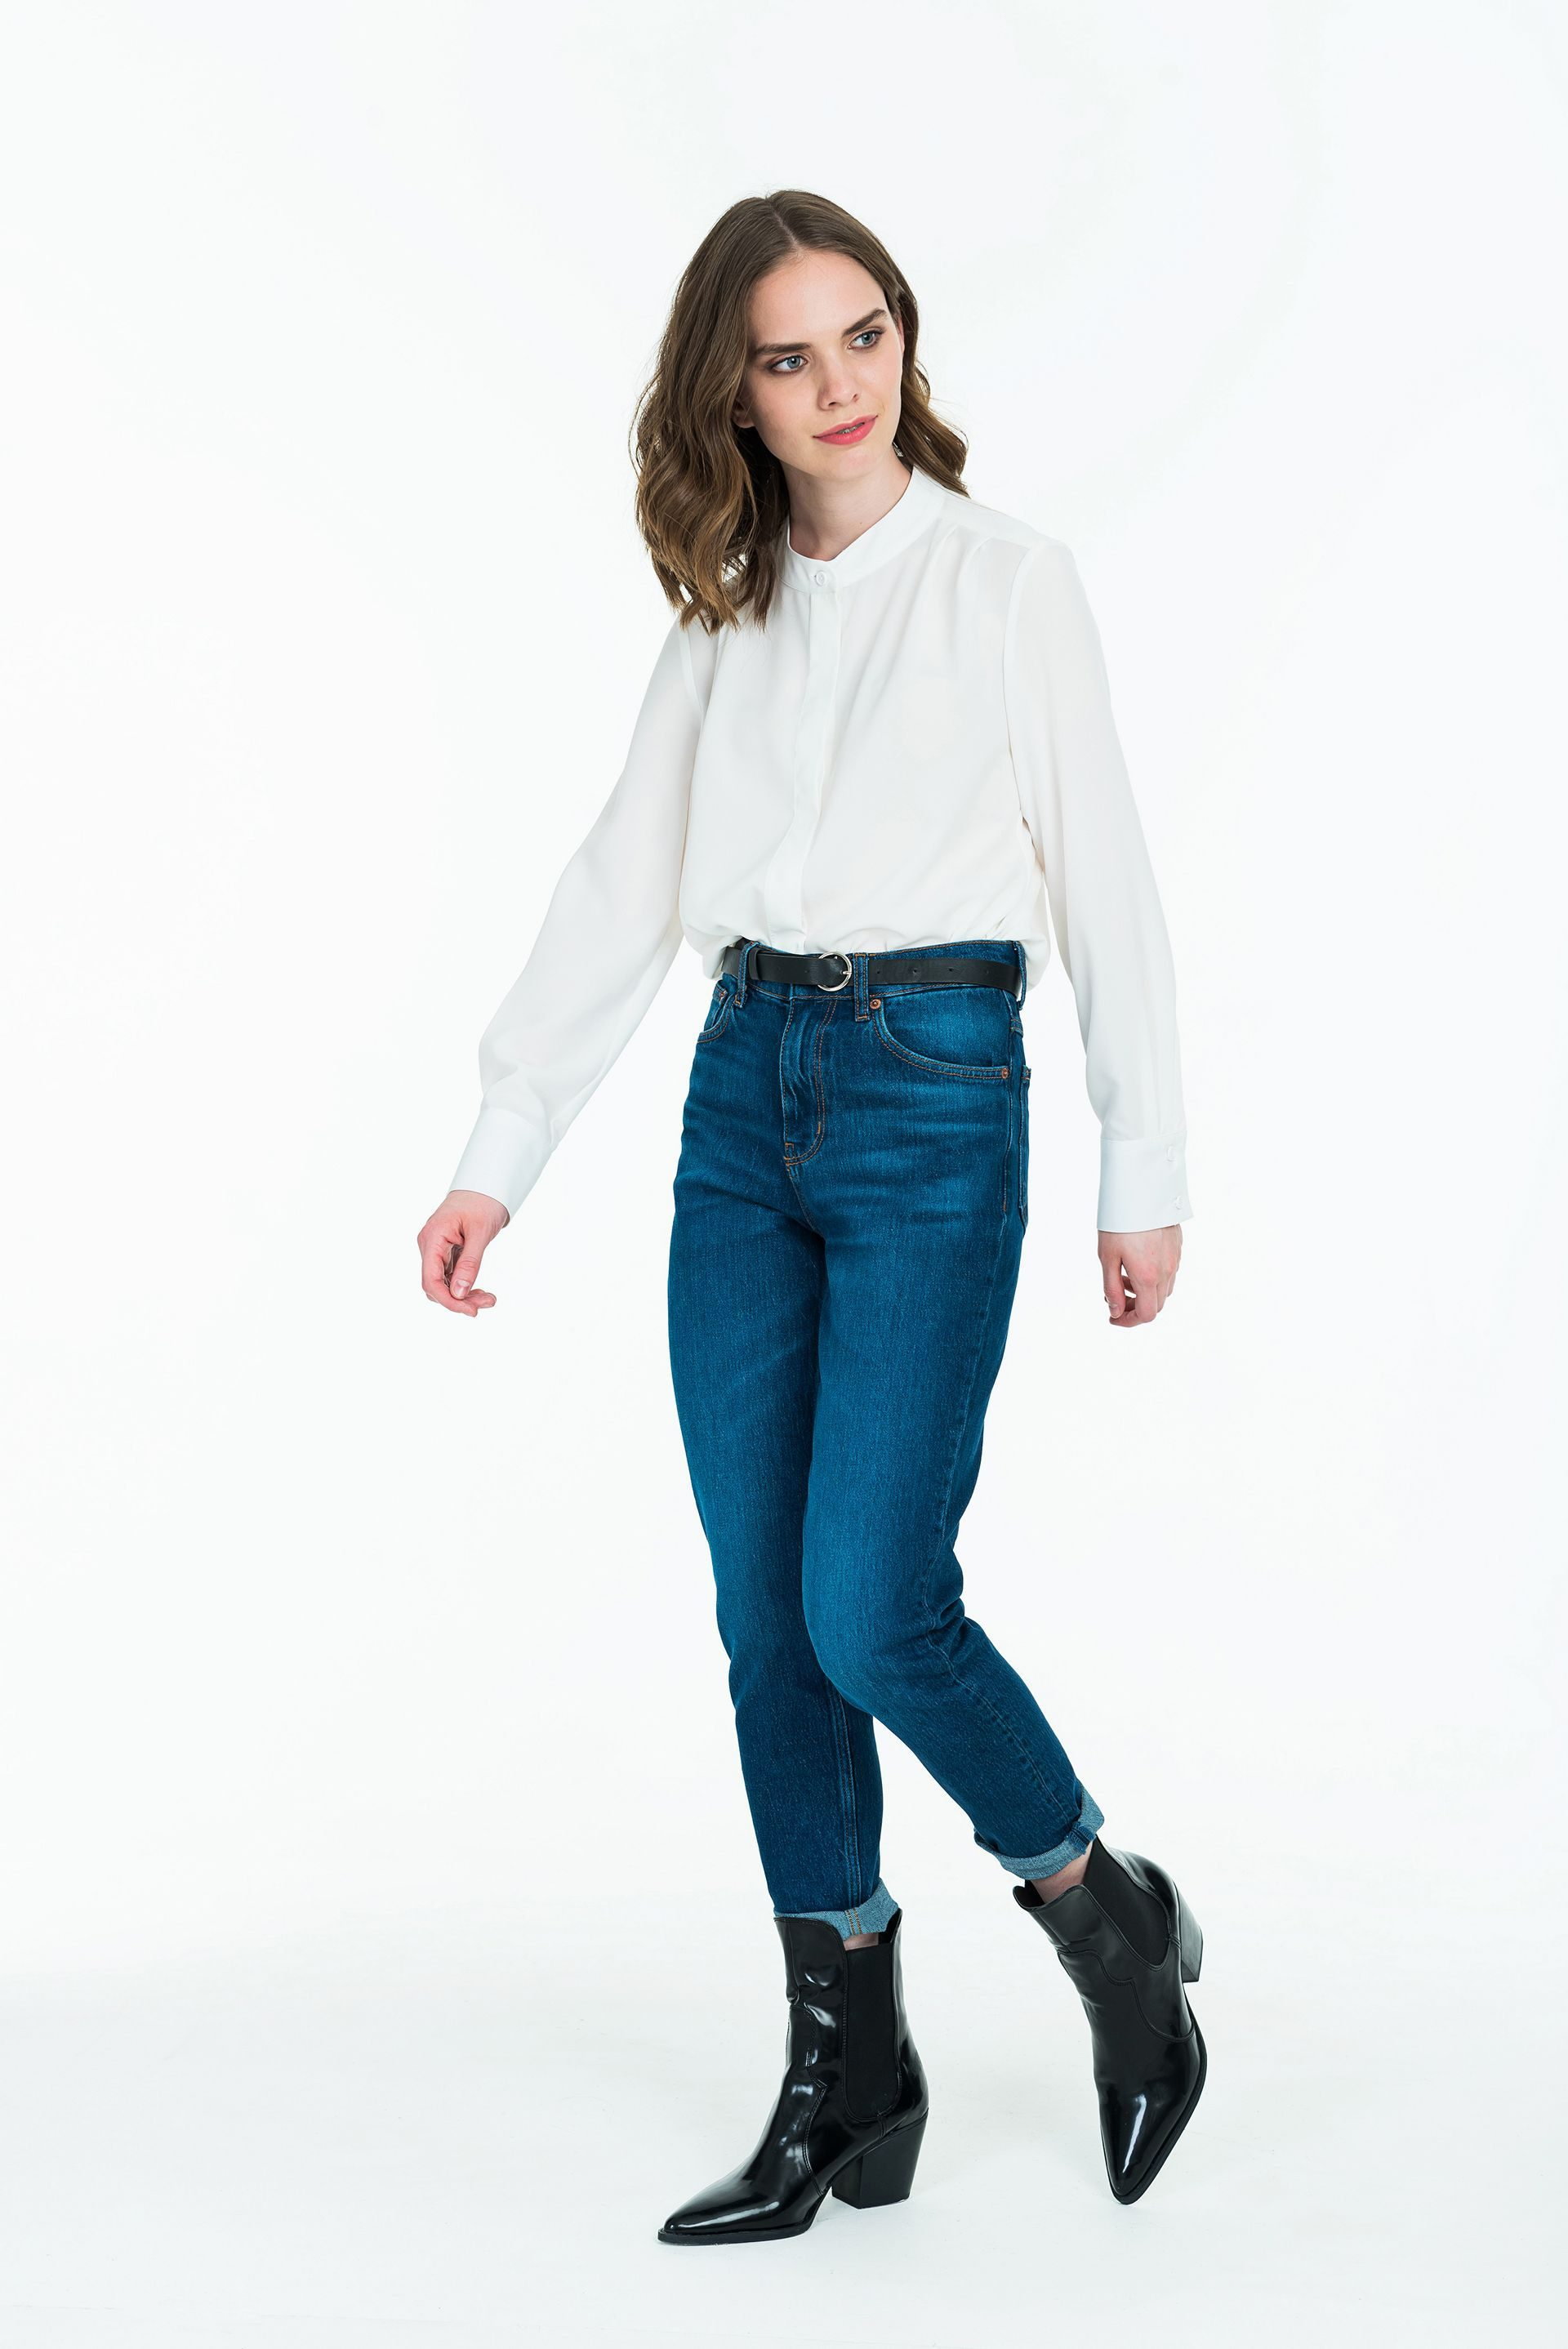 Рубашка оверсайз силуэта с защипами на плечах